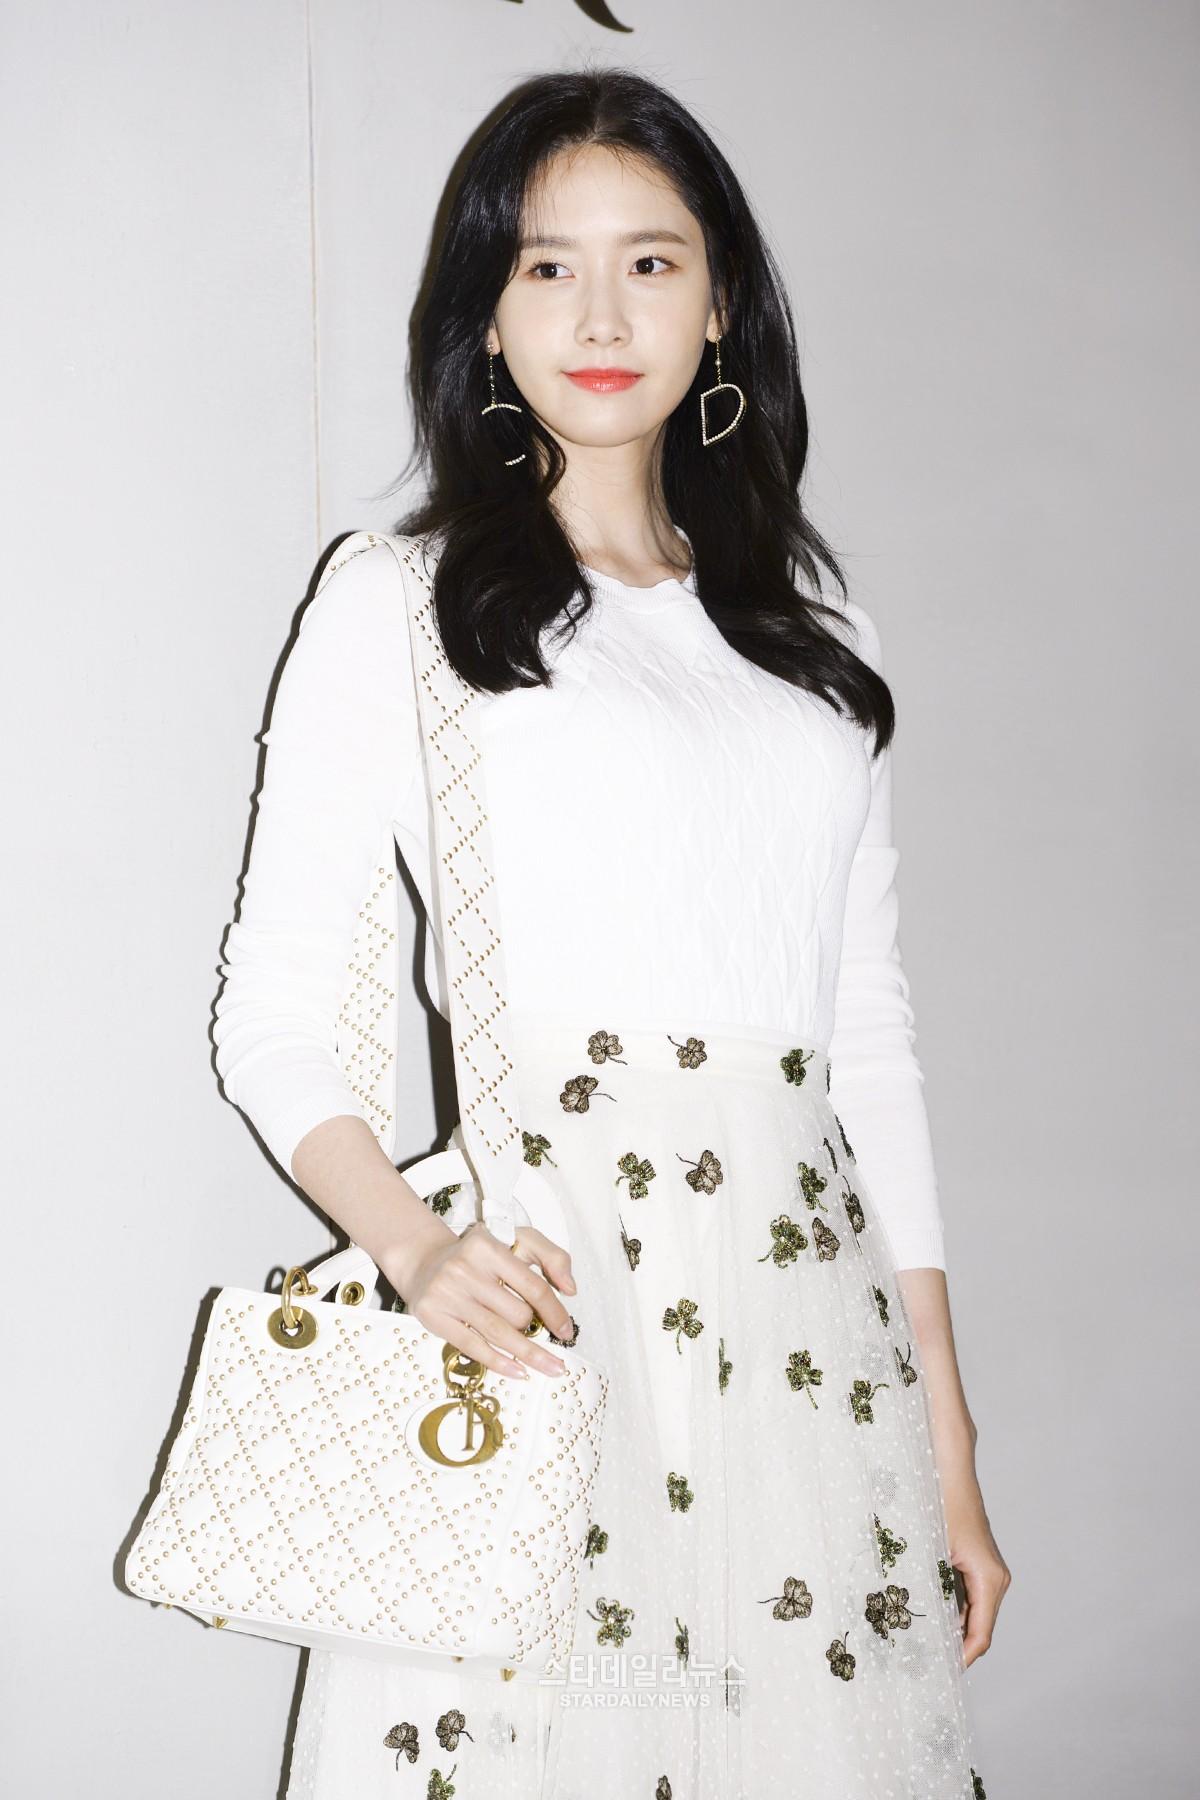 Yoona và Sulli cùng diện đồ hiệu đẳng cấp, đọ sắc vóc một chín một mười tại sự kiện của Dior - Ảnh 7.